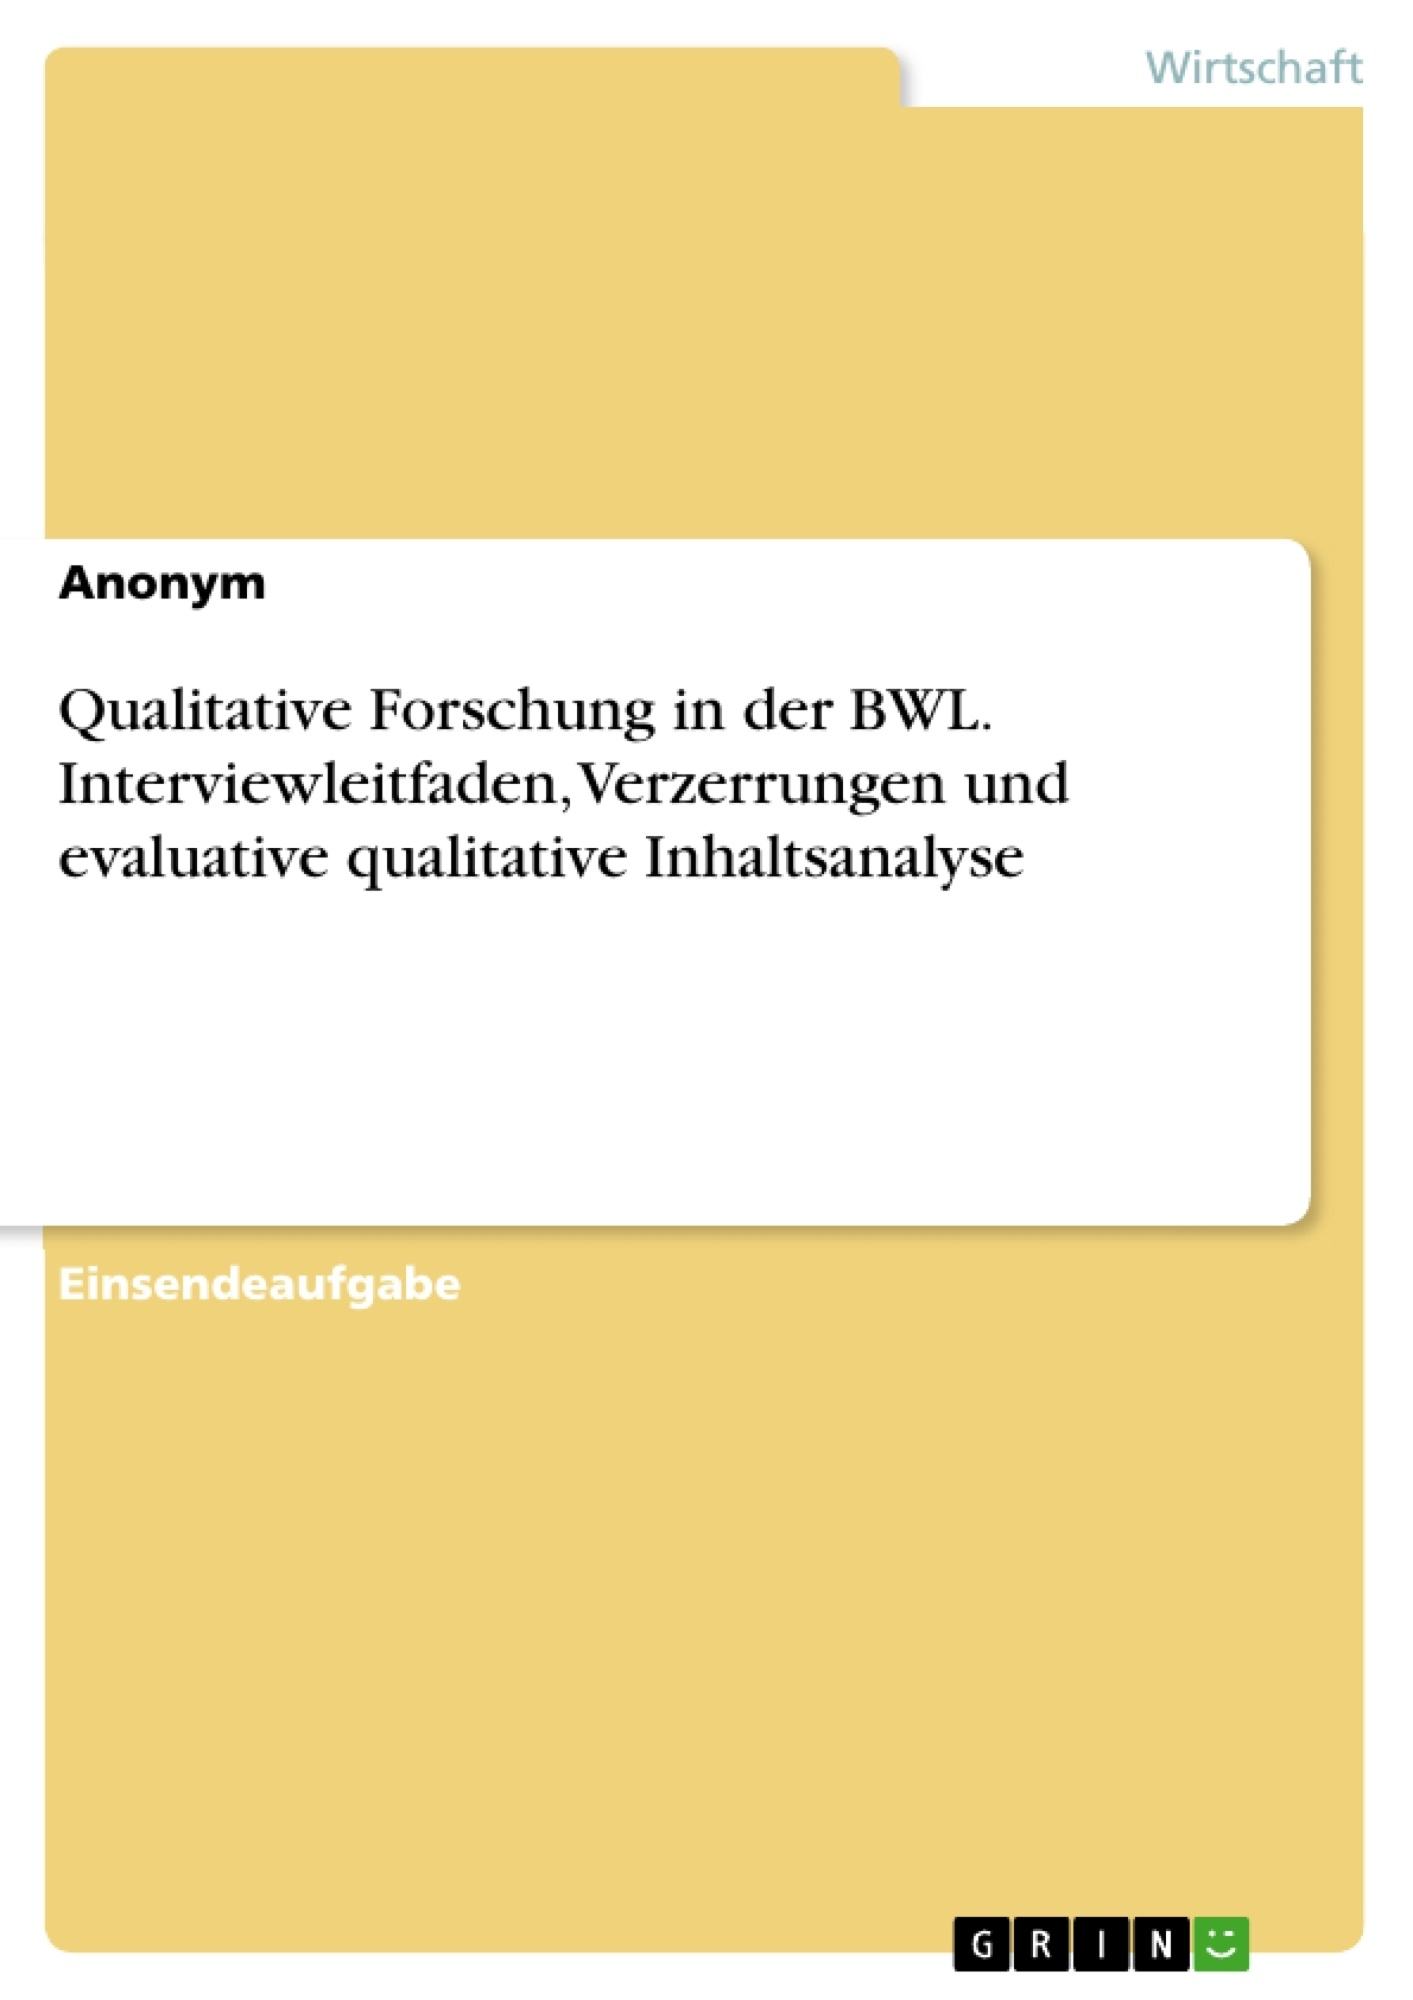 Titel: Qualitative Forschung in der BWL. Interviewleitfaden, Verzerrungen und evaluative qualitative Inhaltsanalyse